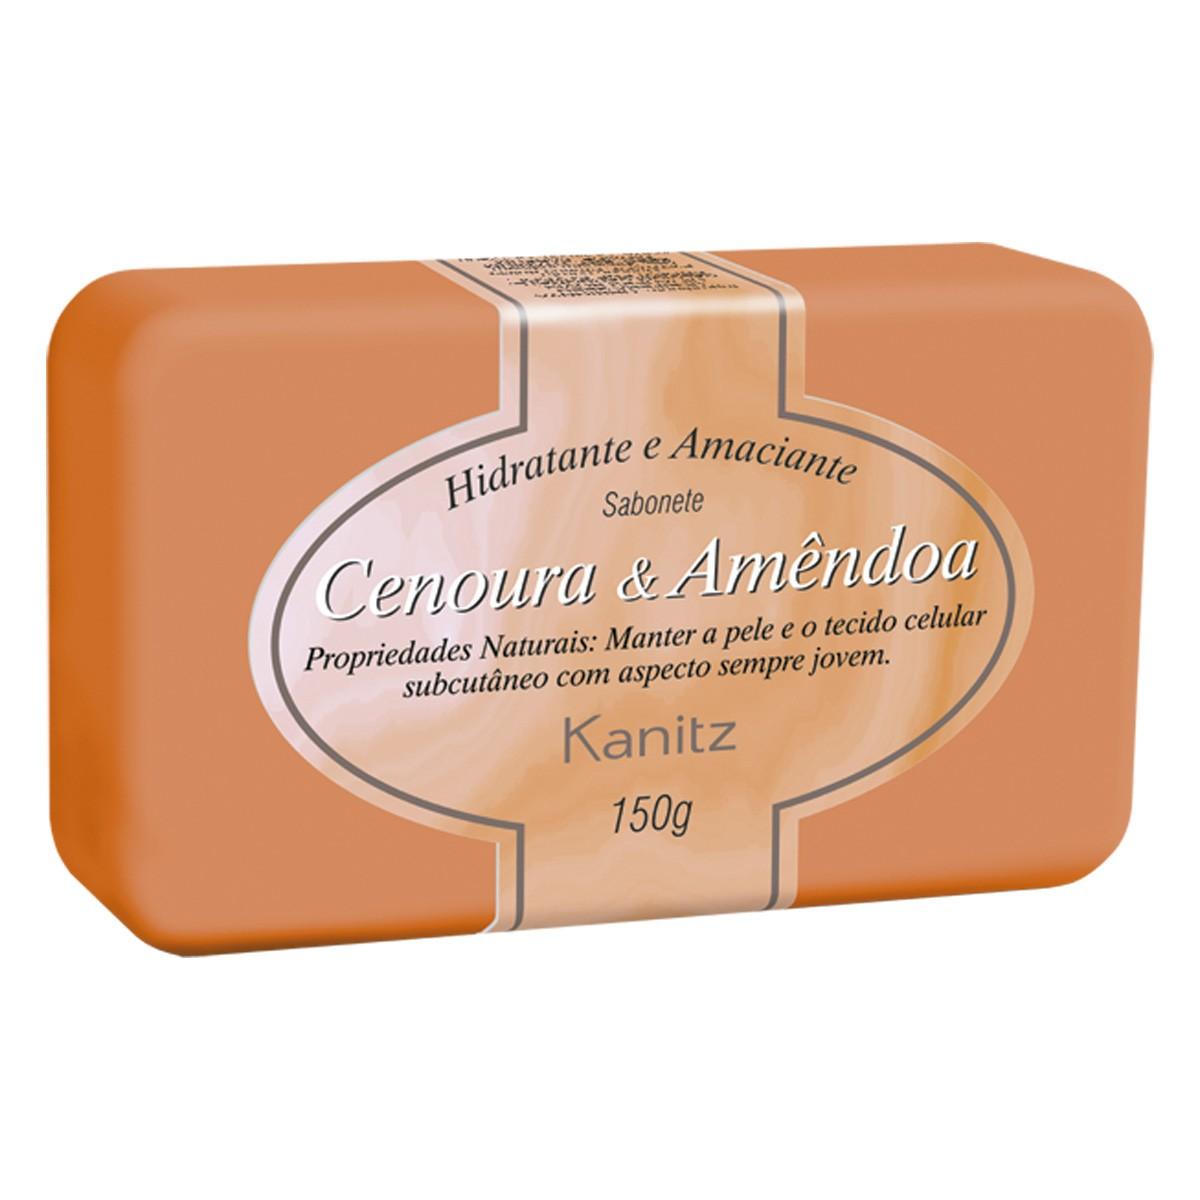 Sabonete Tratamento Cenoura/Amendoa 150g